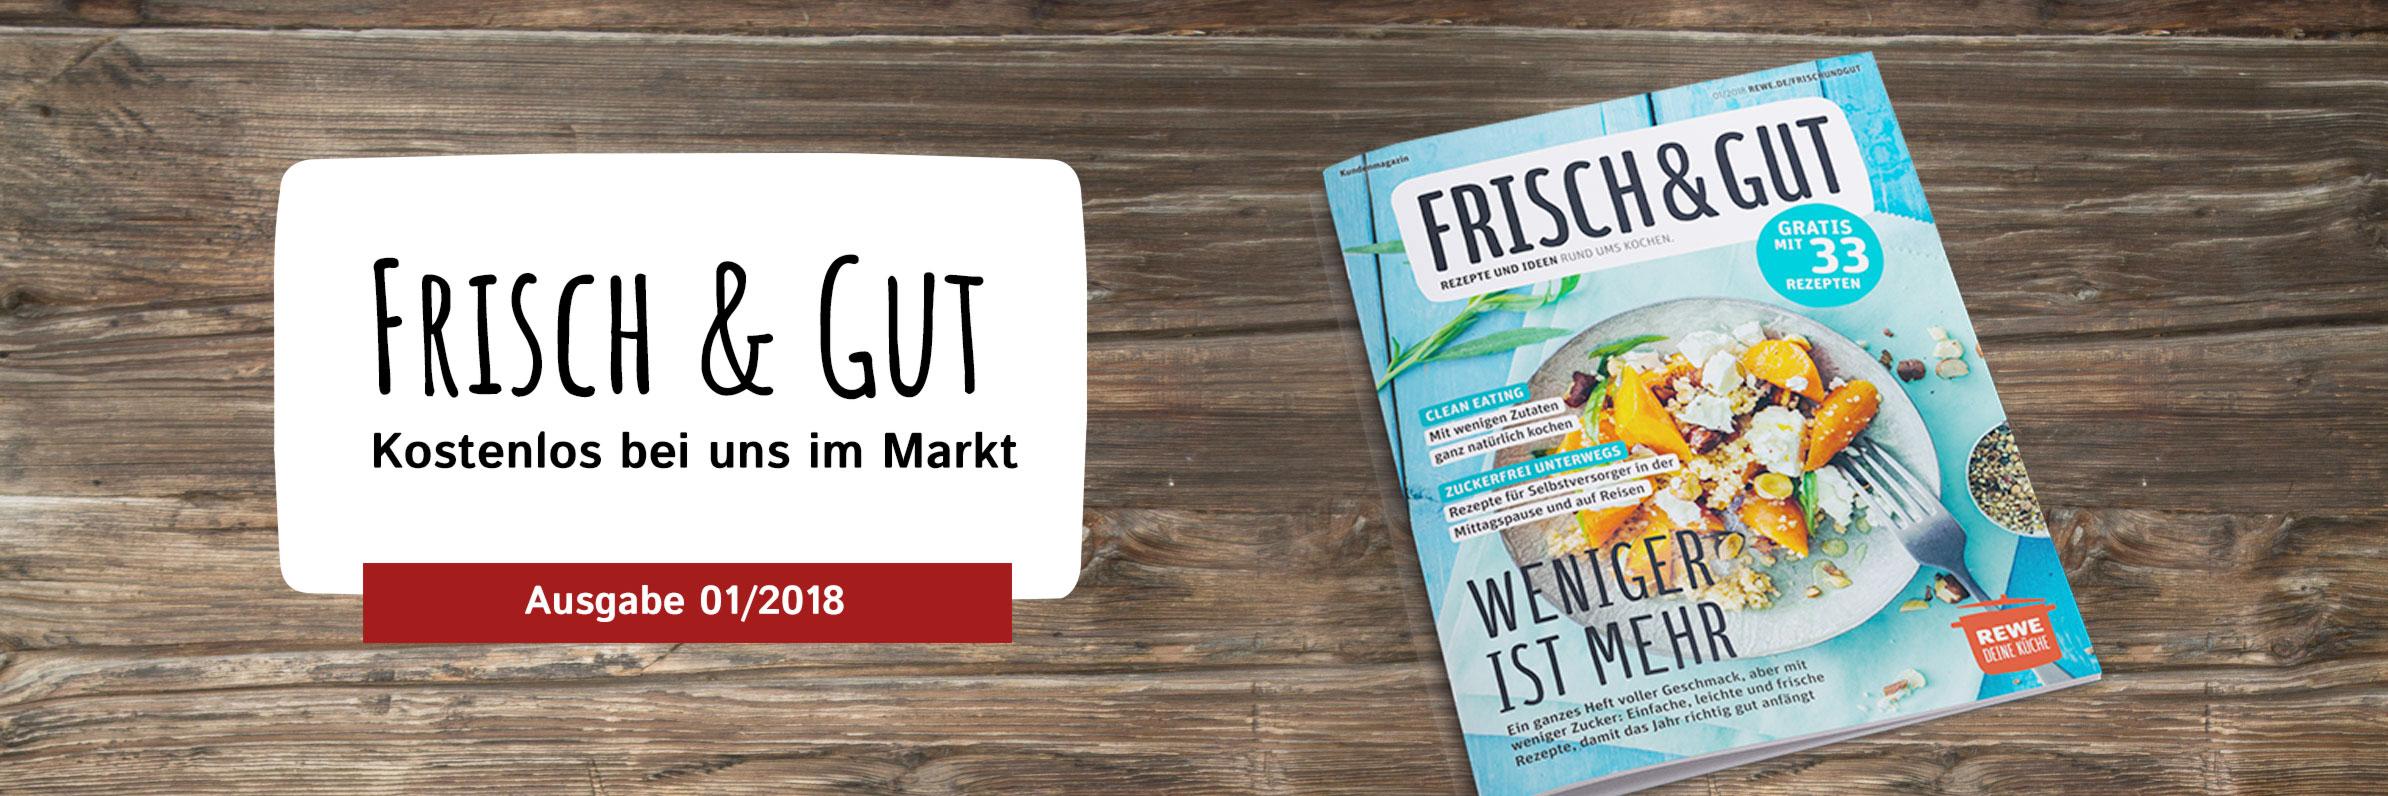 Frisch & Gut